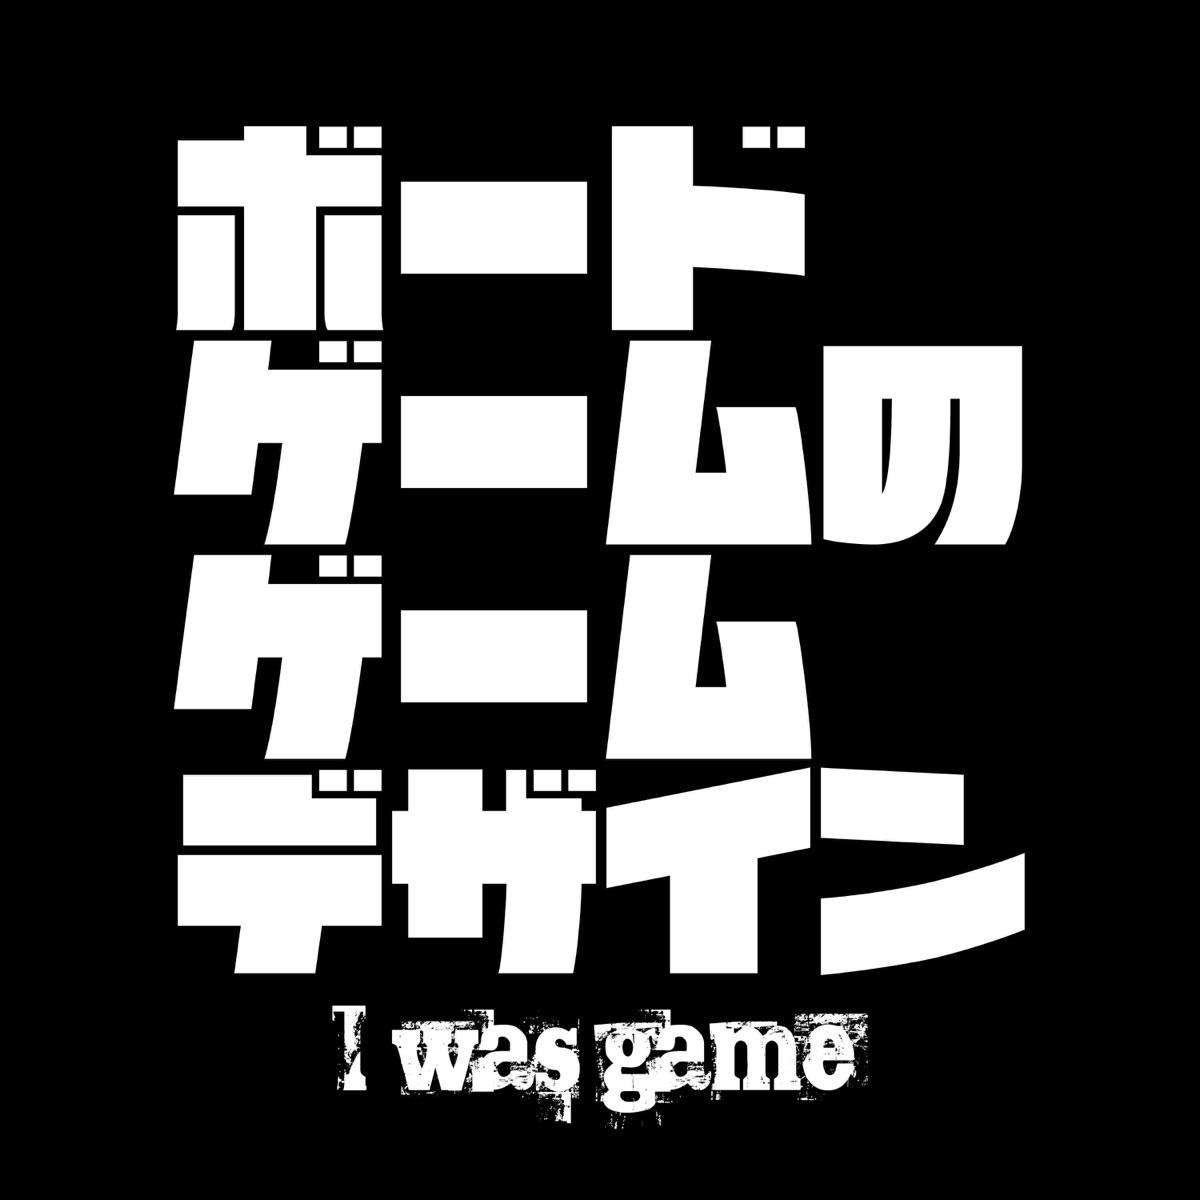 ボードゲームのゲームデザイン